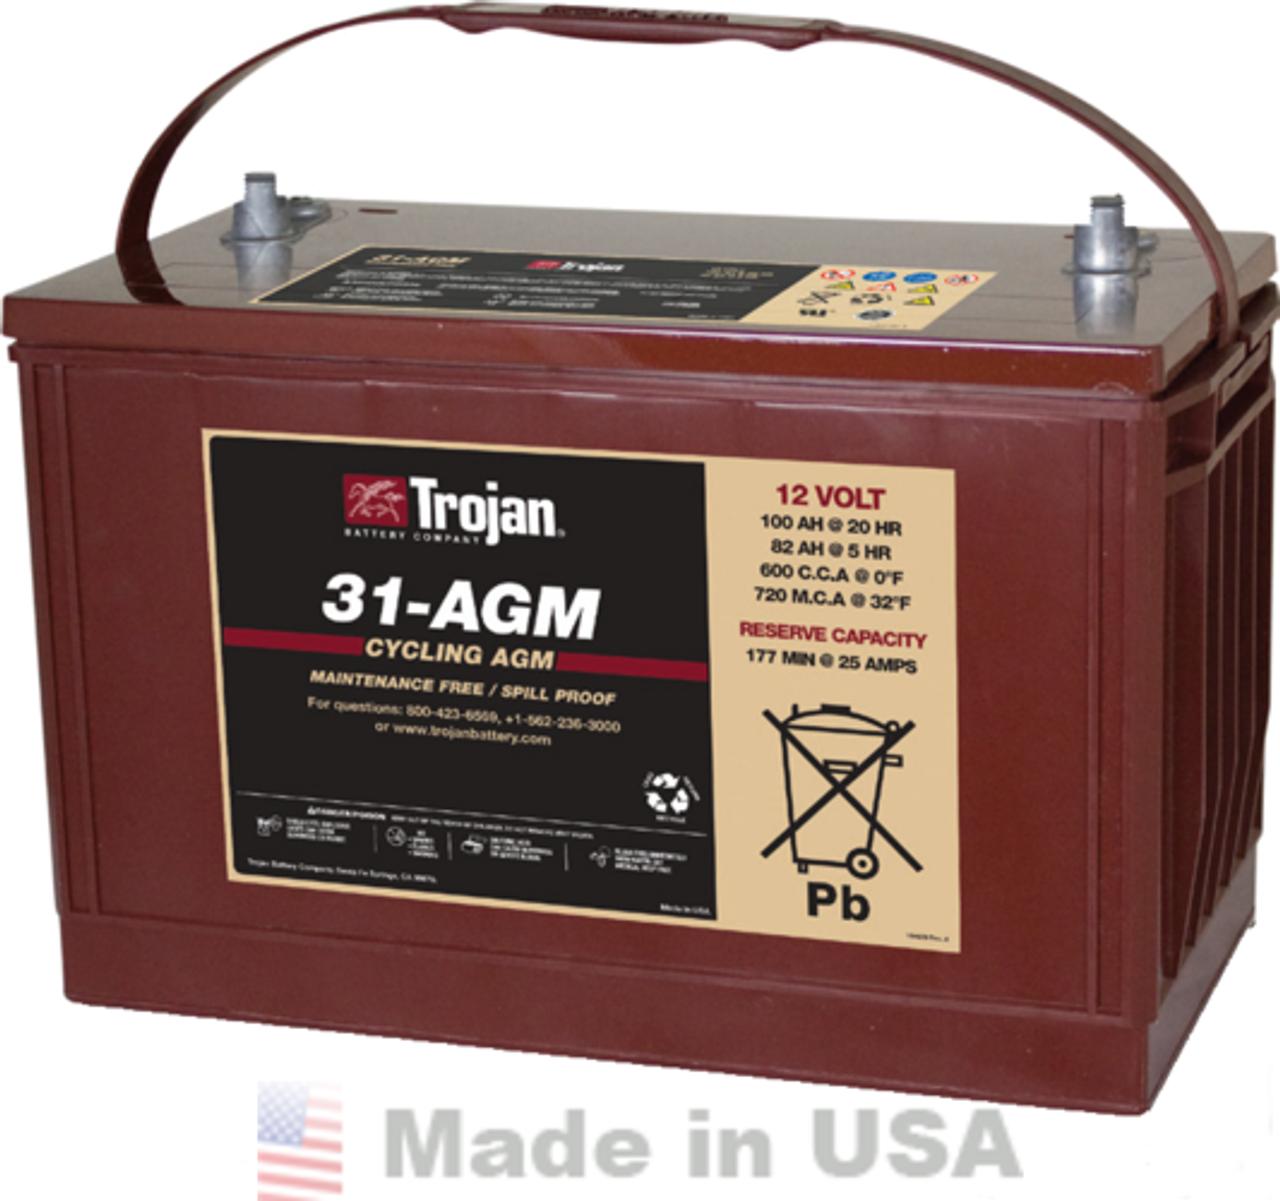 Trojan 31-AGM 12V, 100AH (20HR) AGM Sealed Battery